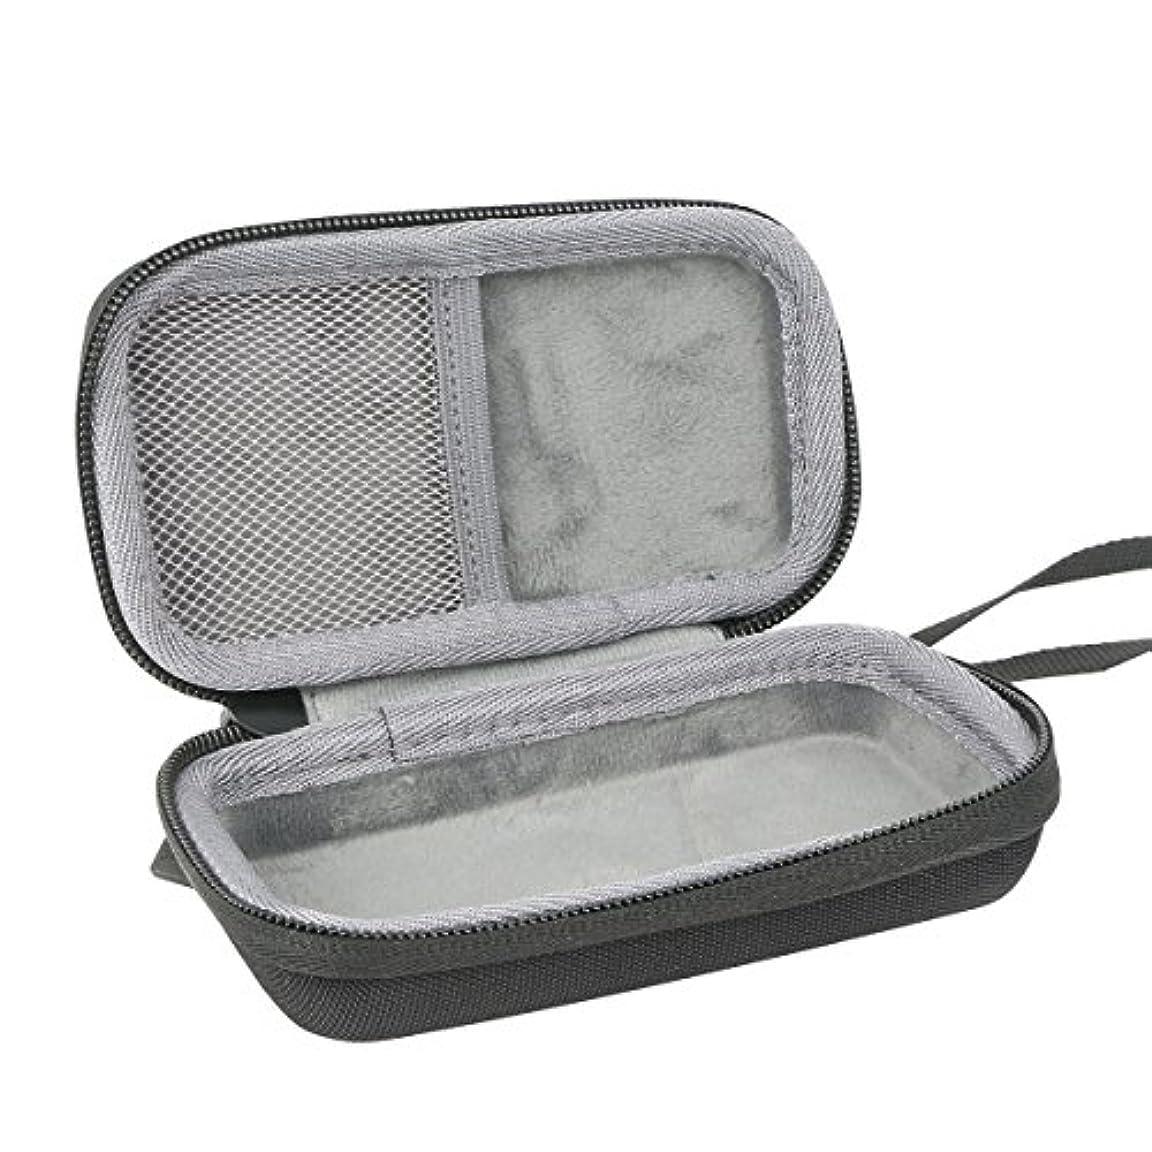 タイマー行学期ブラウン BRAUN メンズシェーバー モバイルシェーブ M-90 スーパー便利な ハードケースバッグ 専用旅行収納 対応 co2CREA